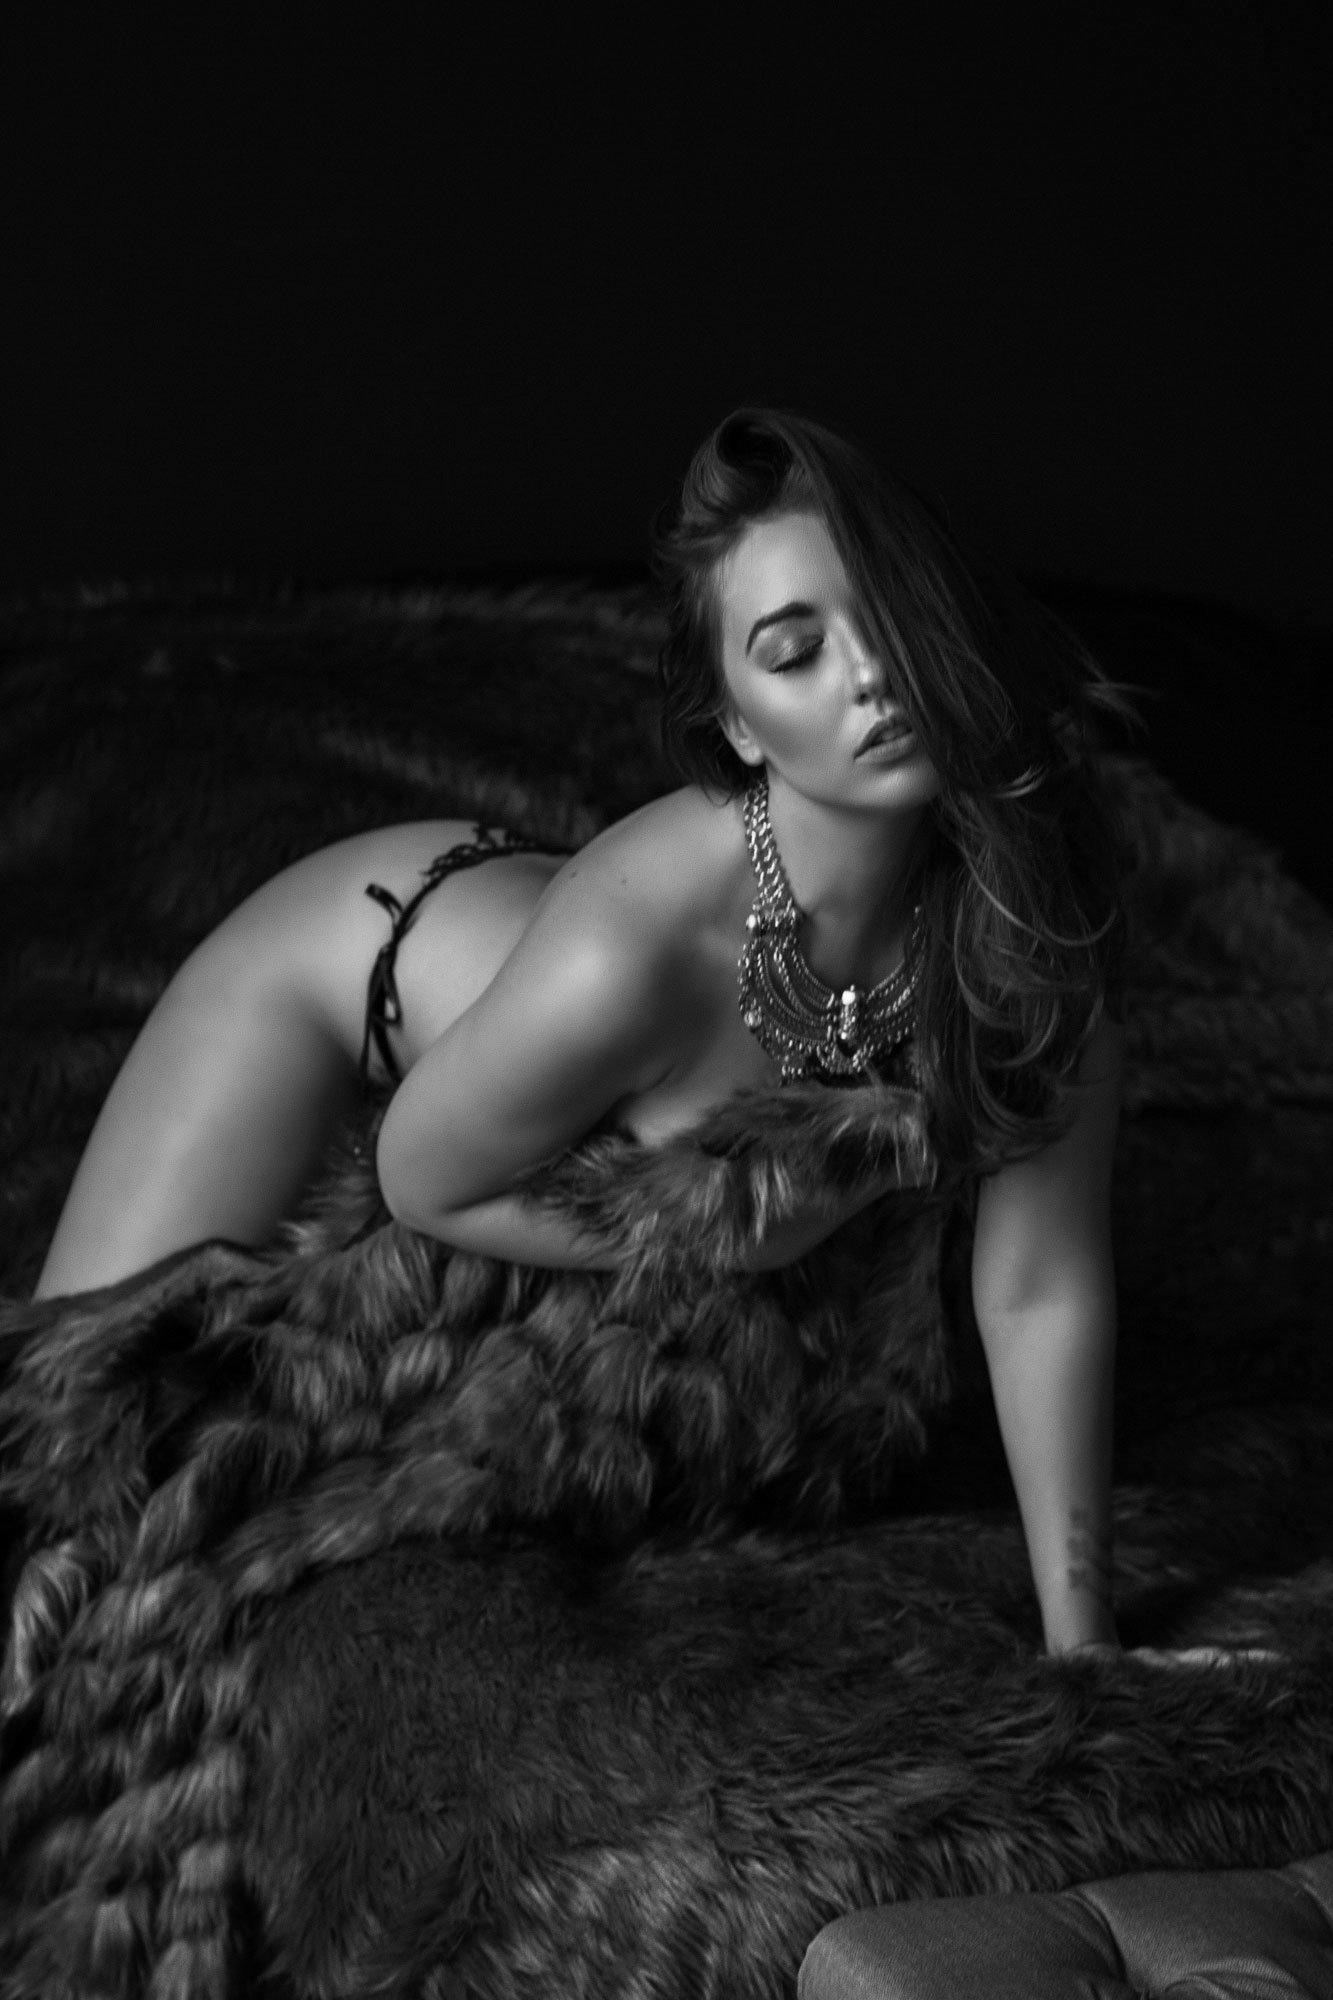 Female photographers erotic maryland photos 253